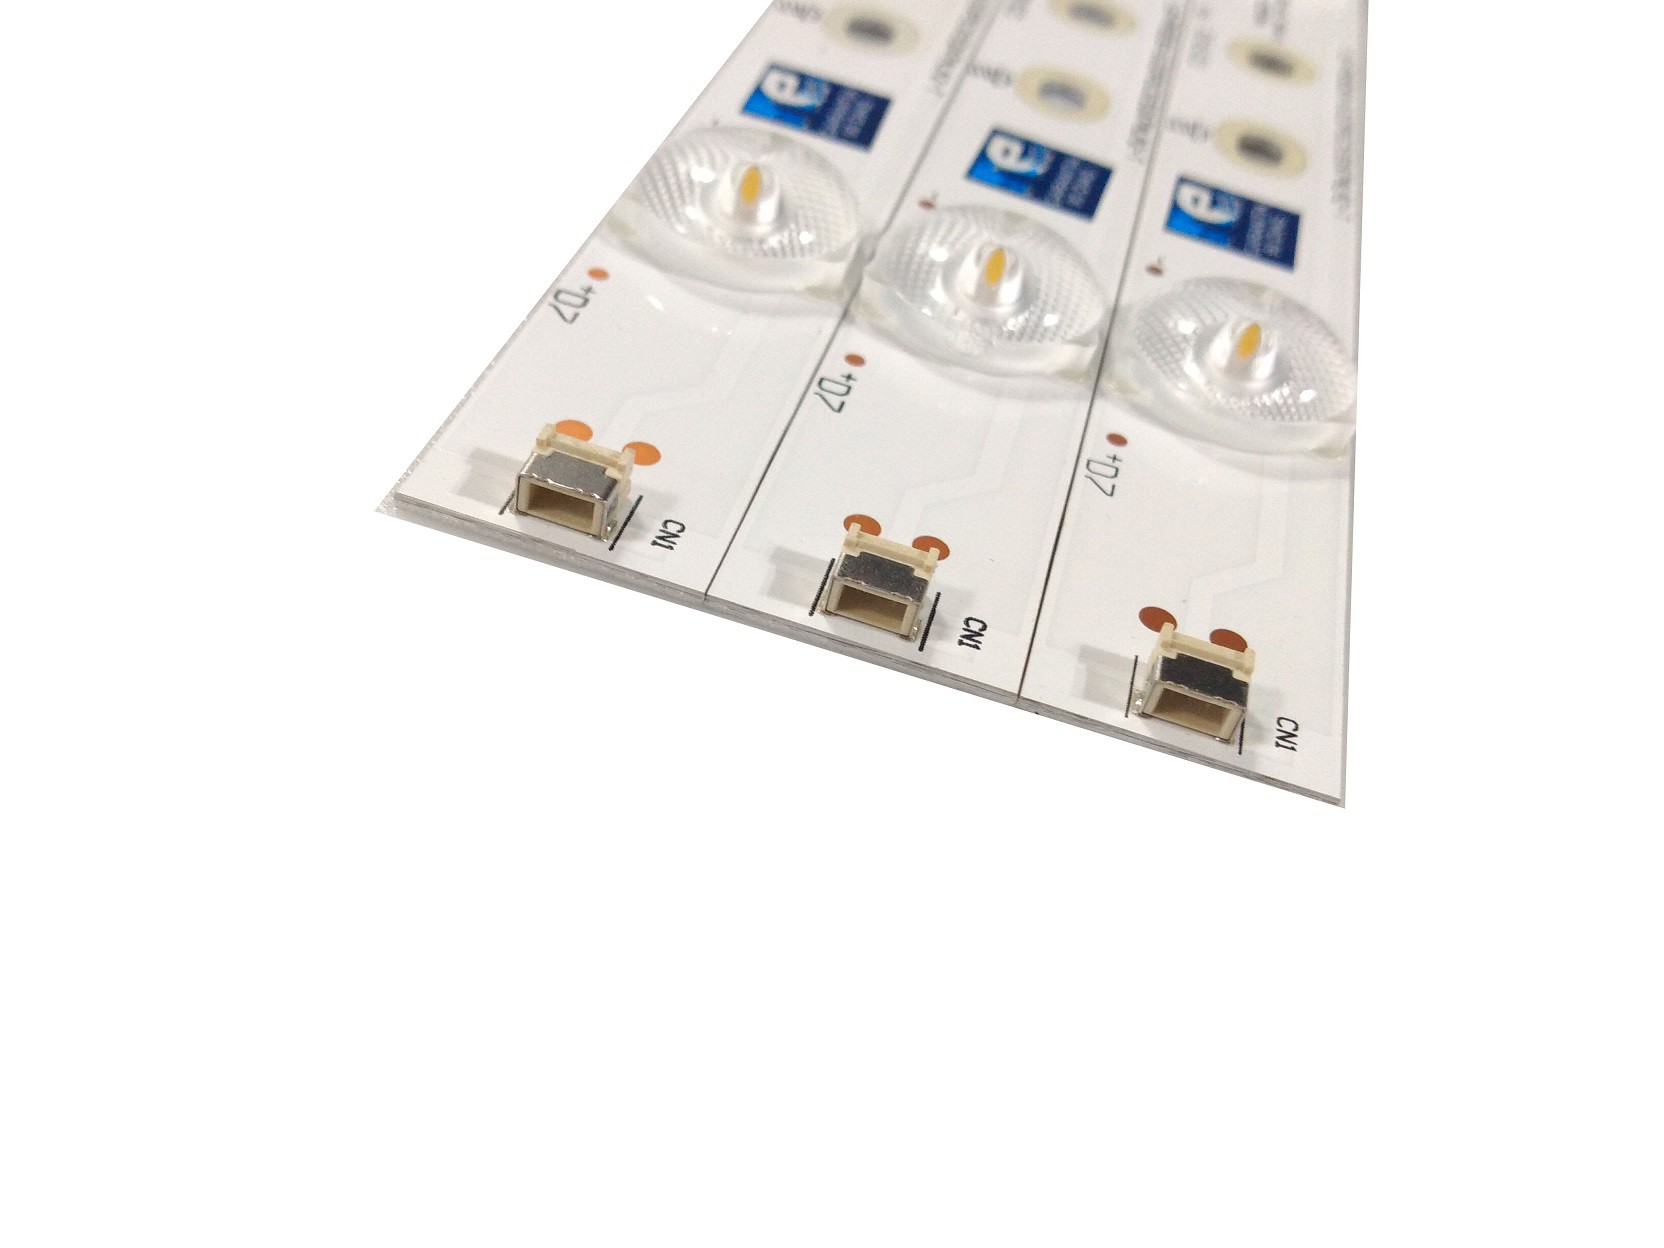 KIT BARRA DE LED PHILIPS 32PHG4900 32PHG5201 32PHG5101 32PHG5109 LE32S5760 LE32D1352 LE32H1461